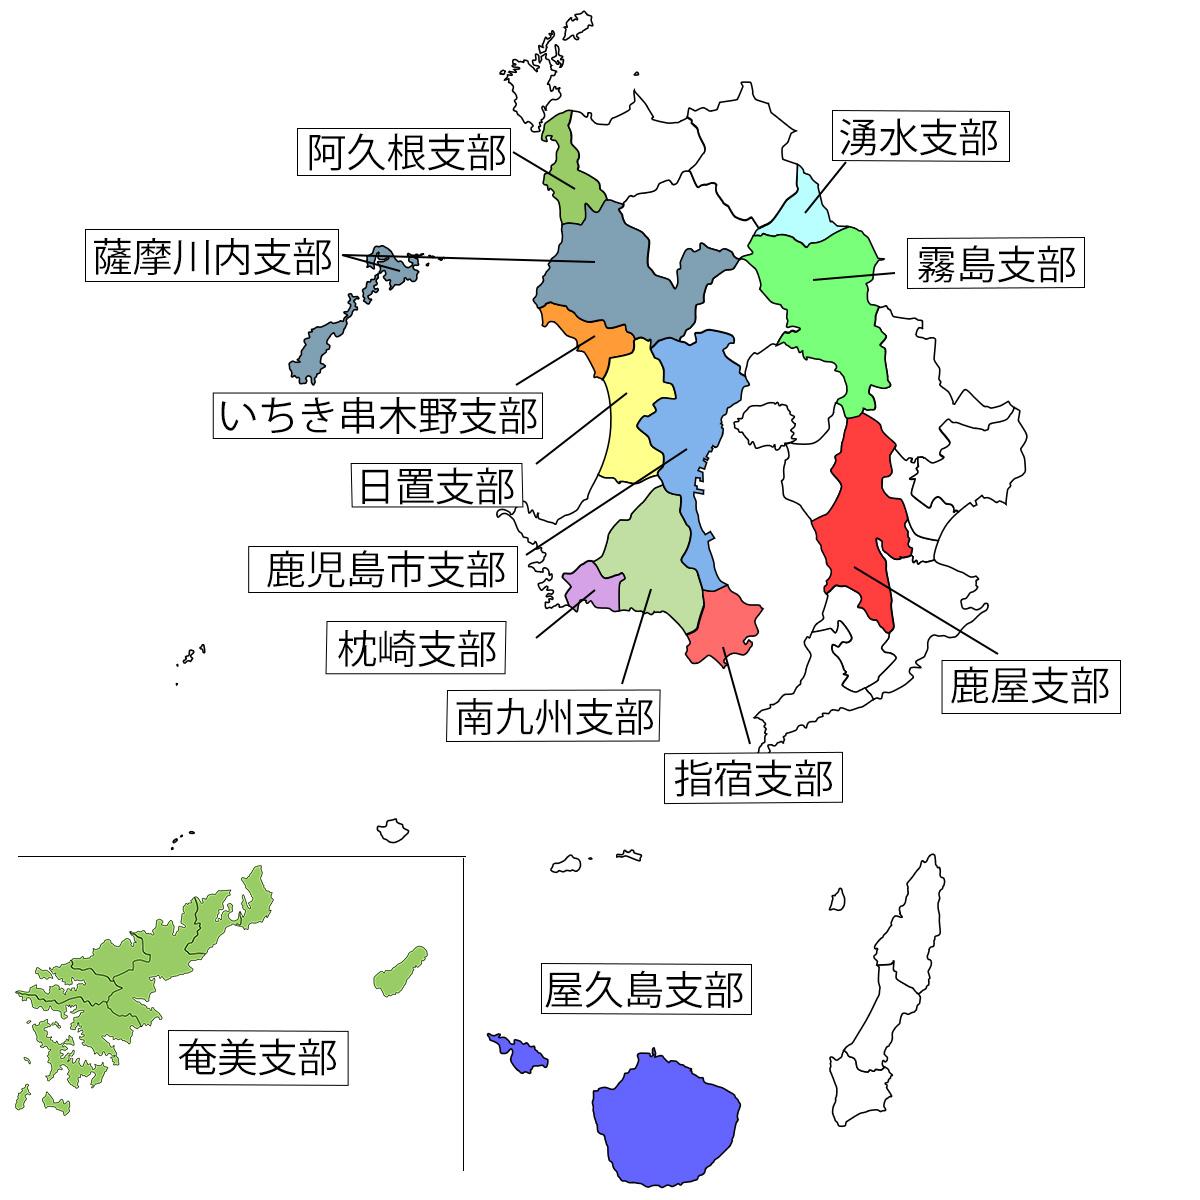 かごしま温泉郷銭湯マップ